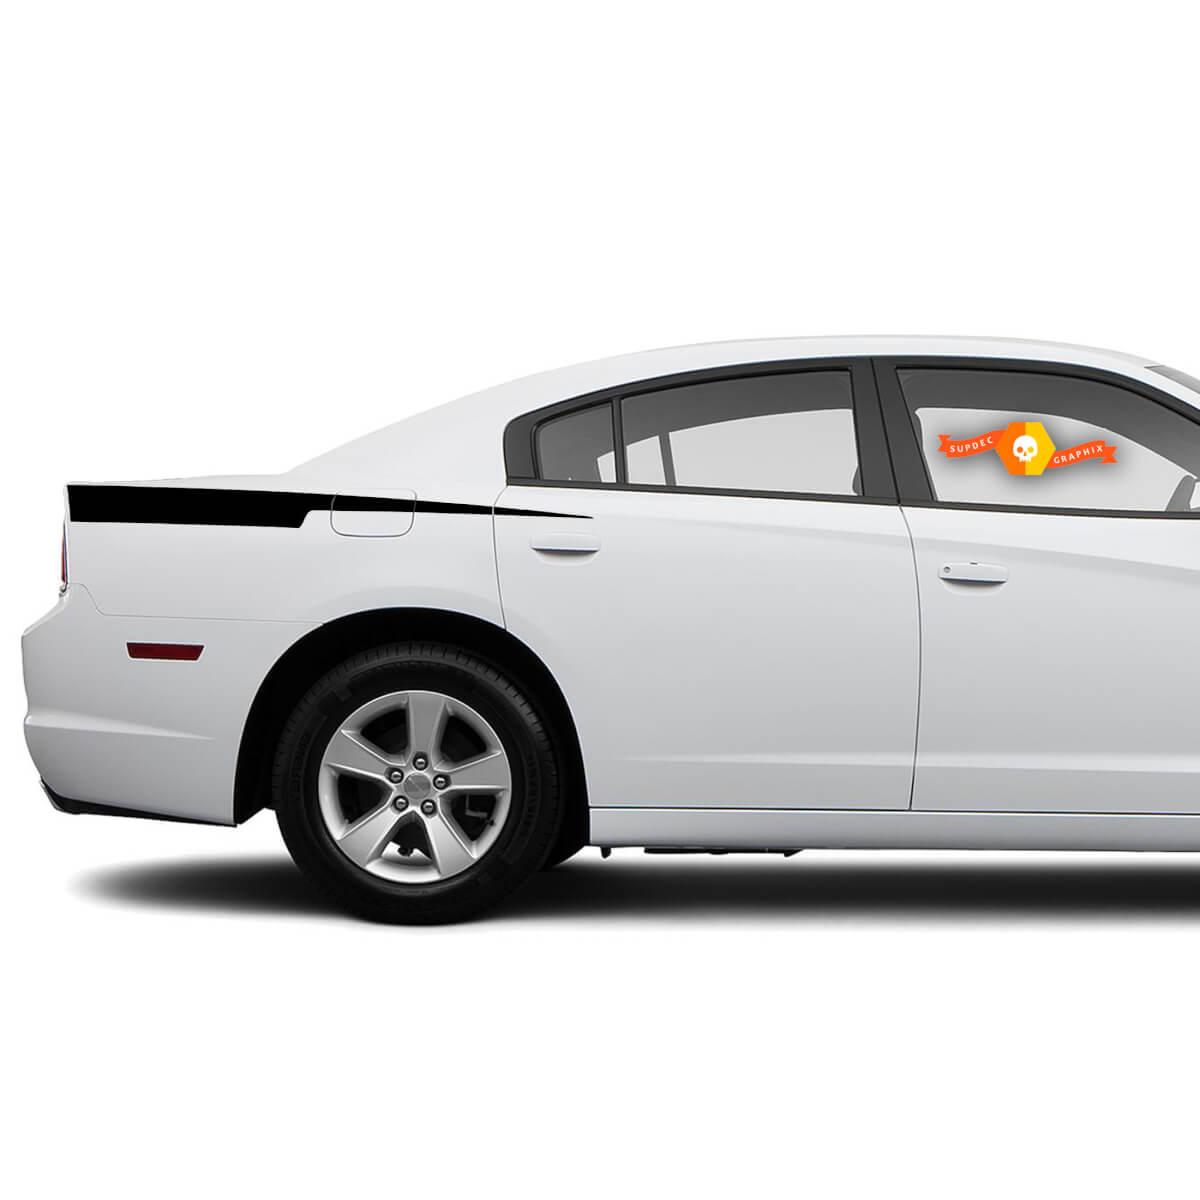 Dodge Charger Rasiermesser Aufkleber Aufkleber Seitengrafiken passen zu Modellen 2011-2014